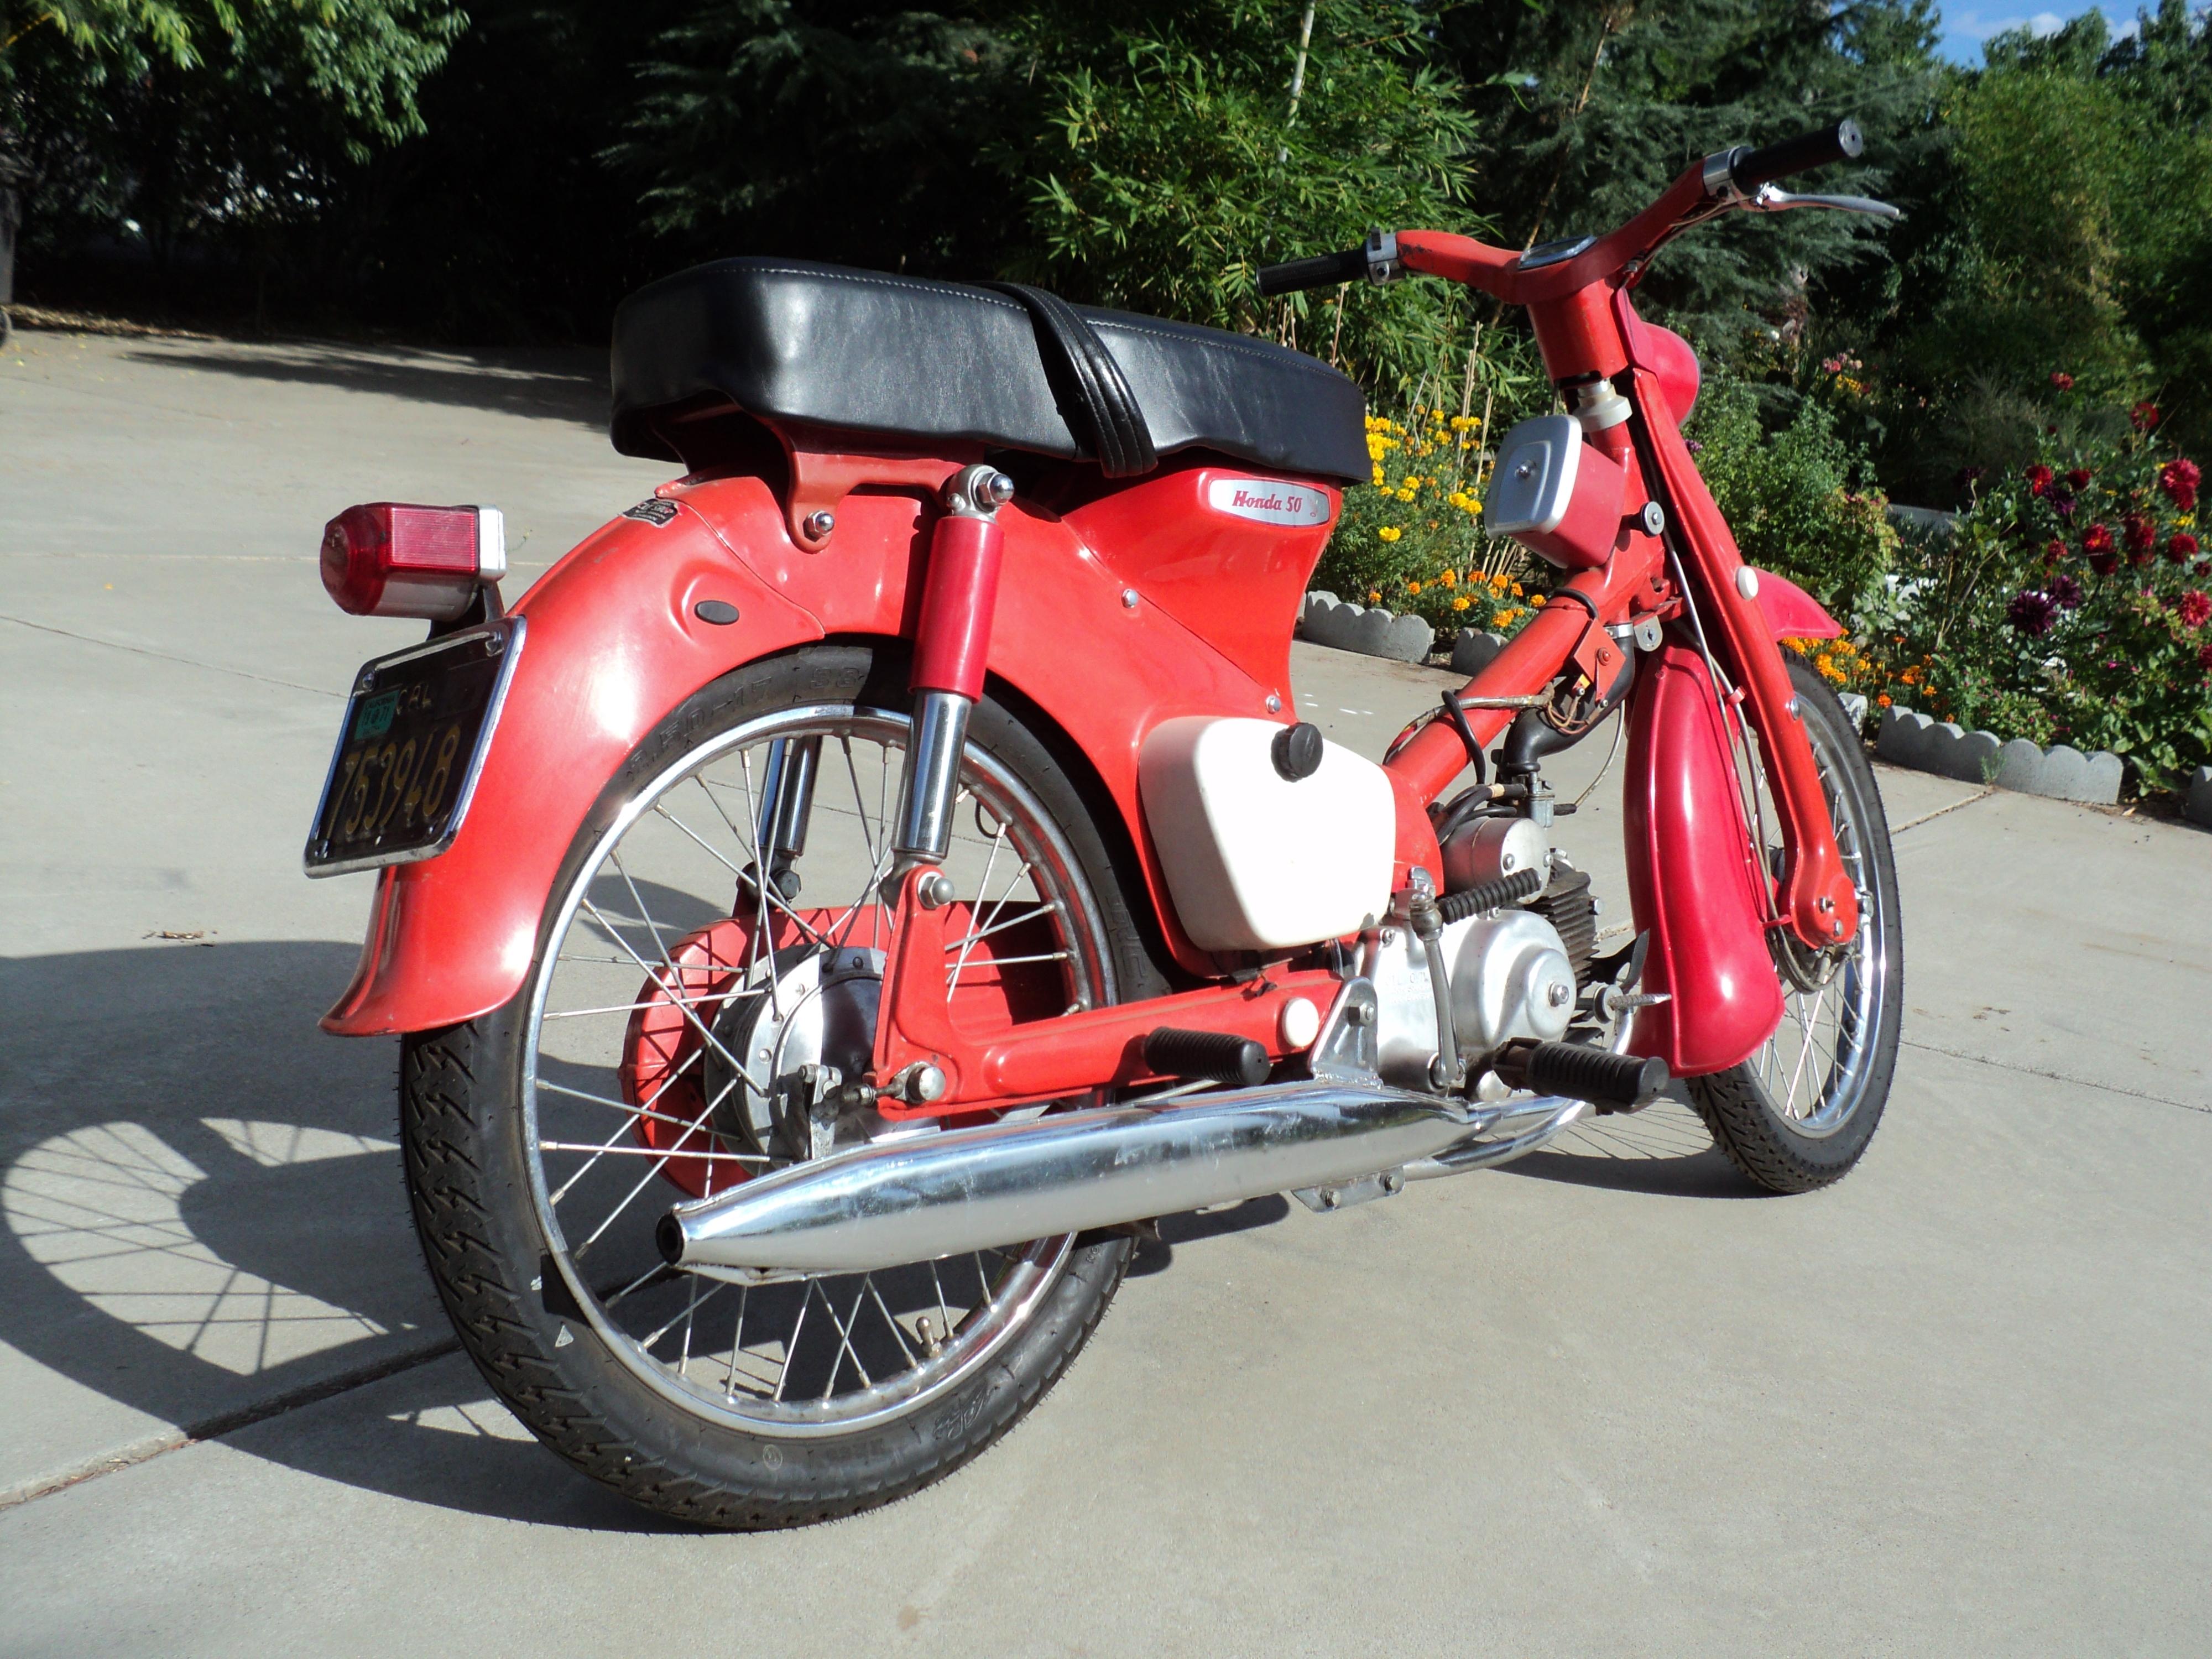 1967 Honda C50 Cub